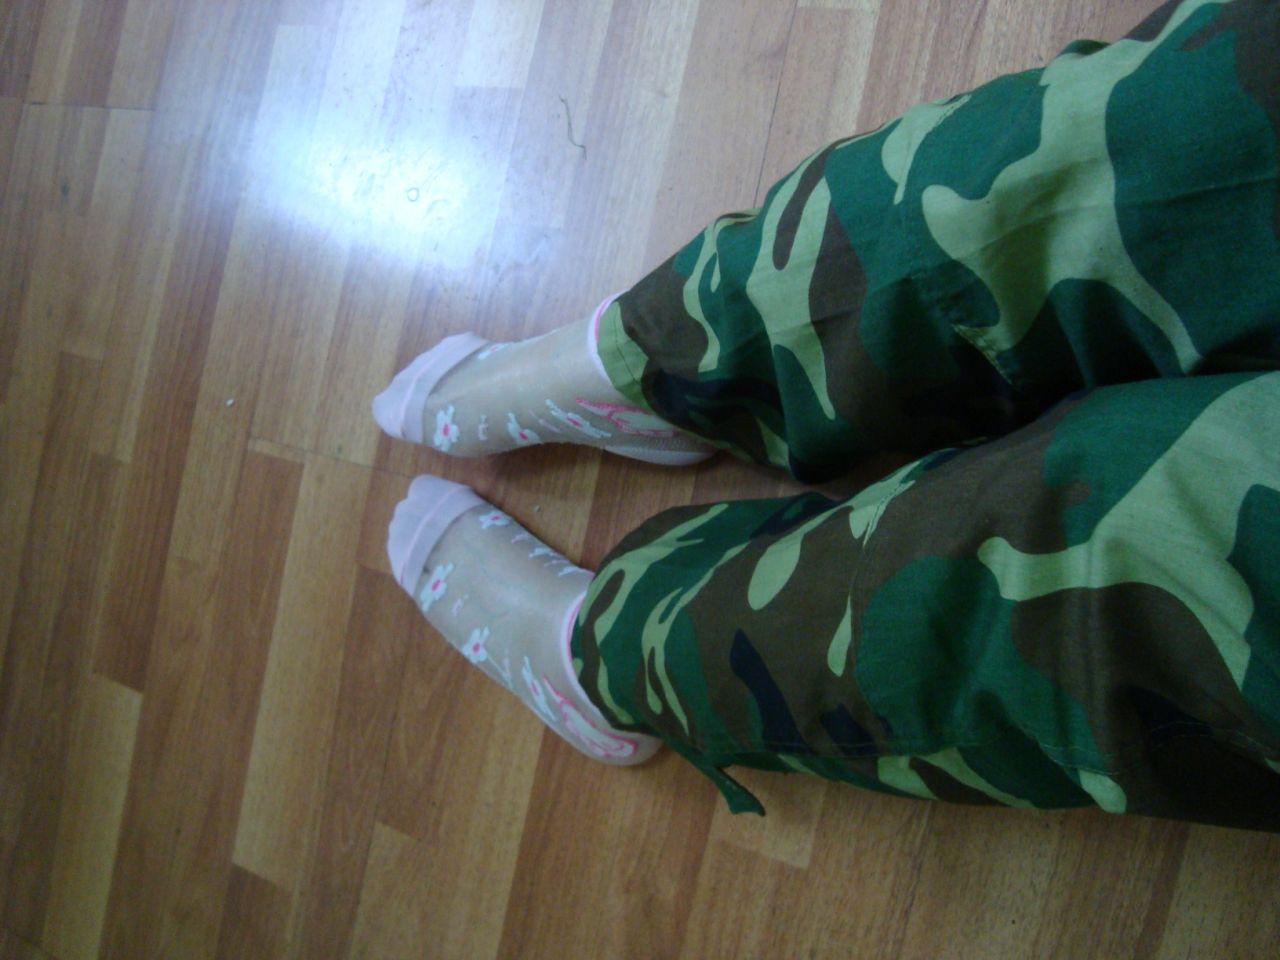 吧里还有女生穿这样的袜子么